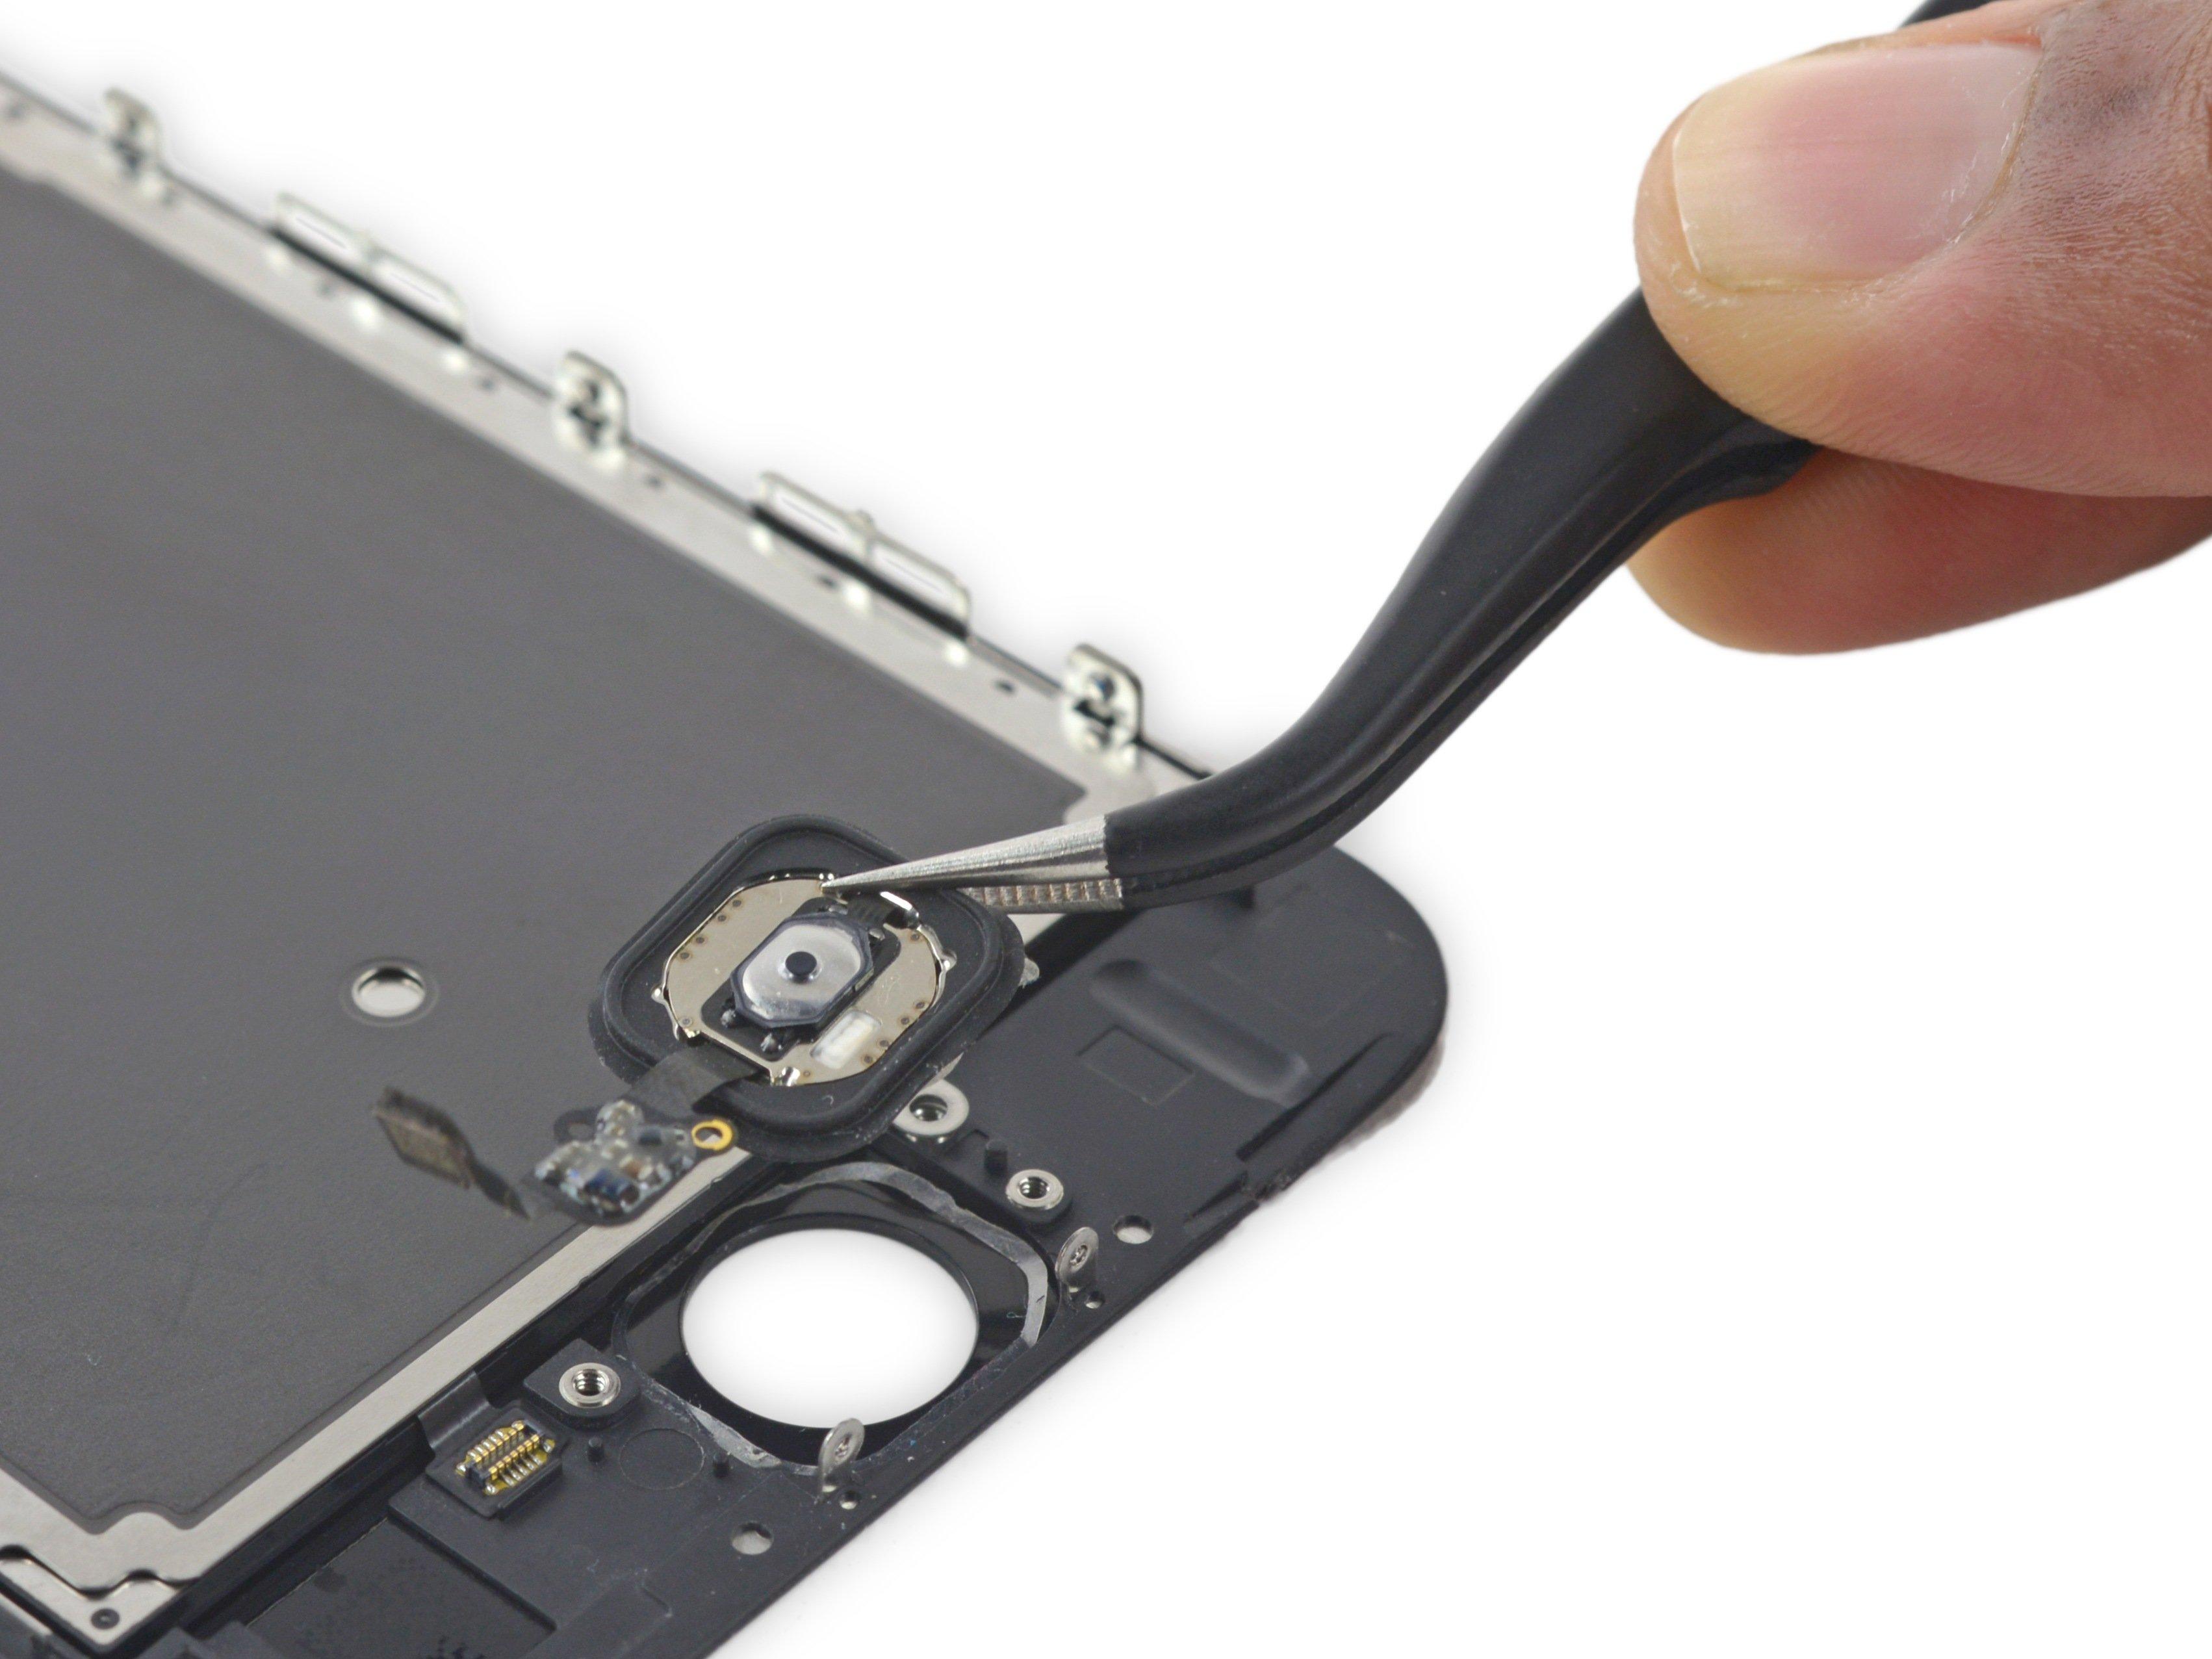 aee4f7ade48 Remplazo Modulo del Botón Home del iPhone 6s - iFixit Repair Guide